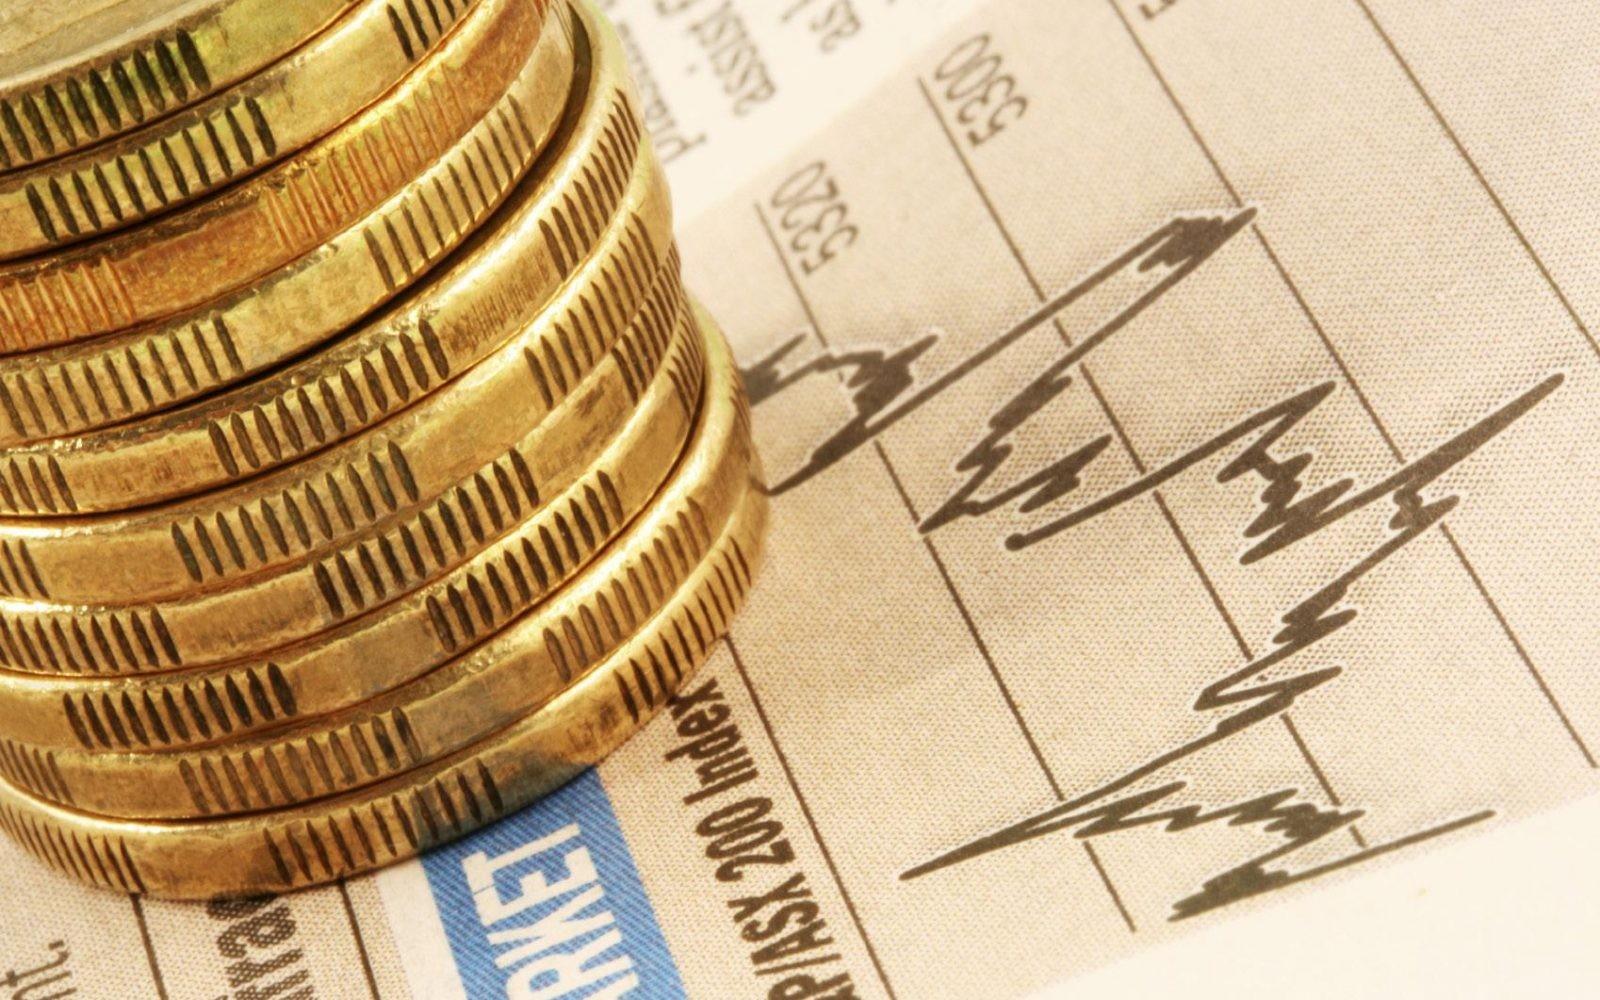 ضمان: مصر الوجهة الأولى لمشروعات الاستثمار بـ13.7 مليار دولار